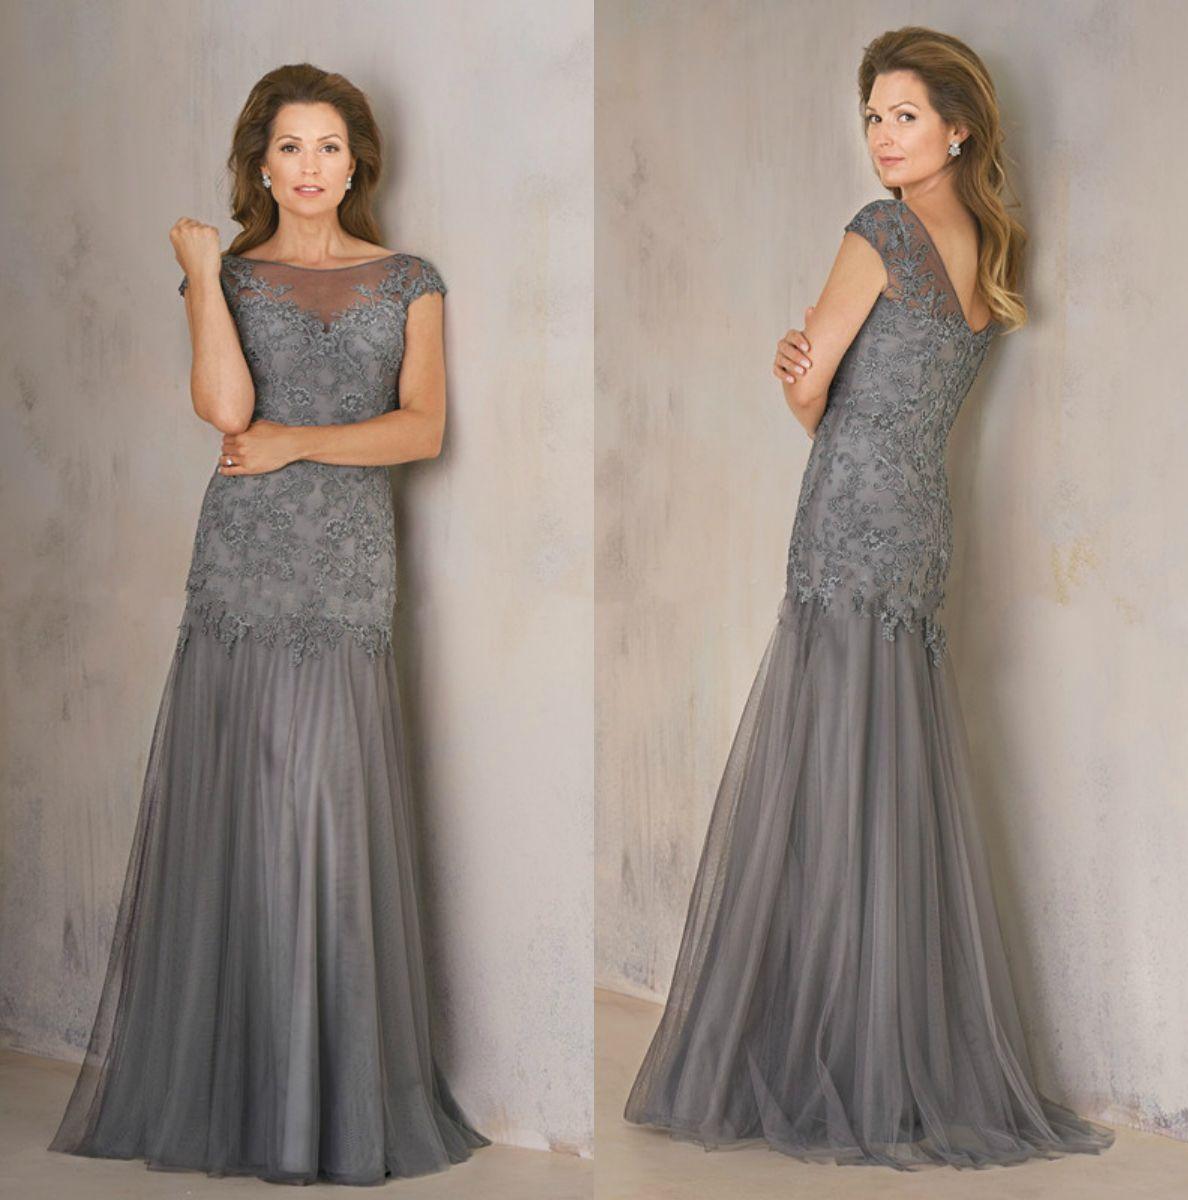 Großhandel Jasmine Mermaid Mutter Der Braut Kleider Elegant Plus Size  Spitze Formelle Kleider Grau Ärmel Hochzeitskleid Gast Von Newdeve, 17,17 €  Auf